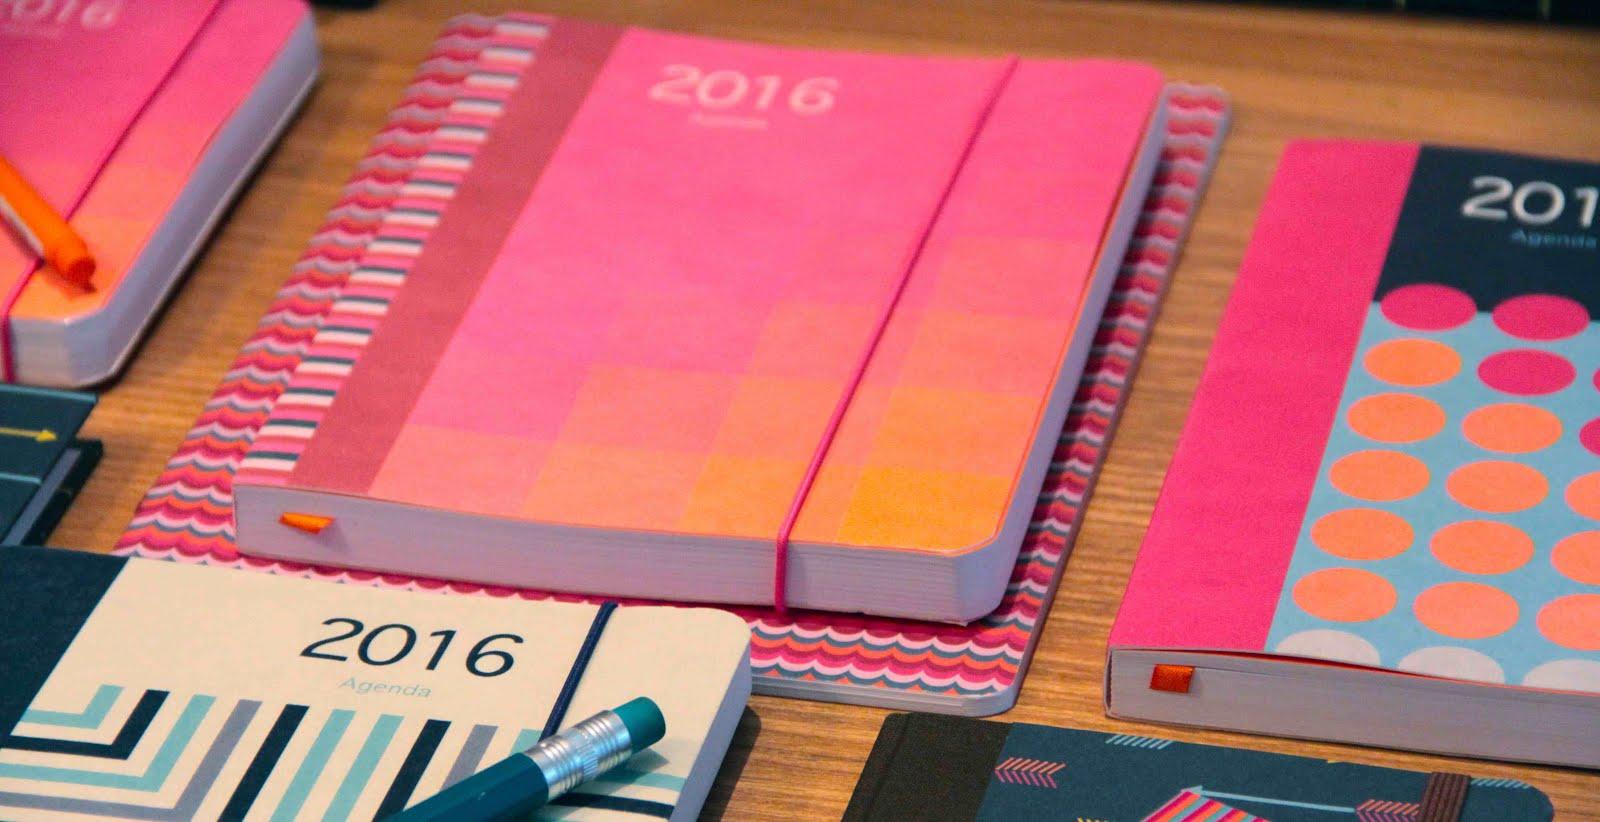 Agendas 2016